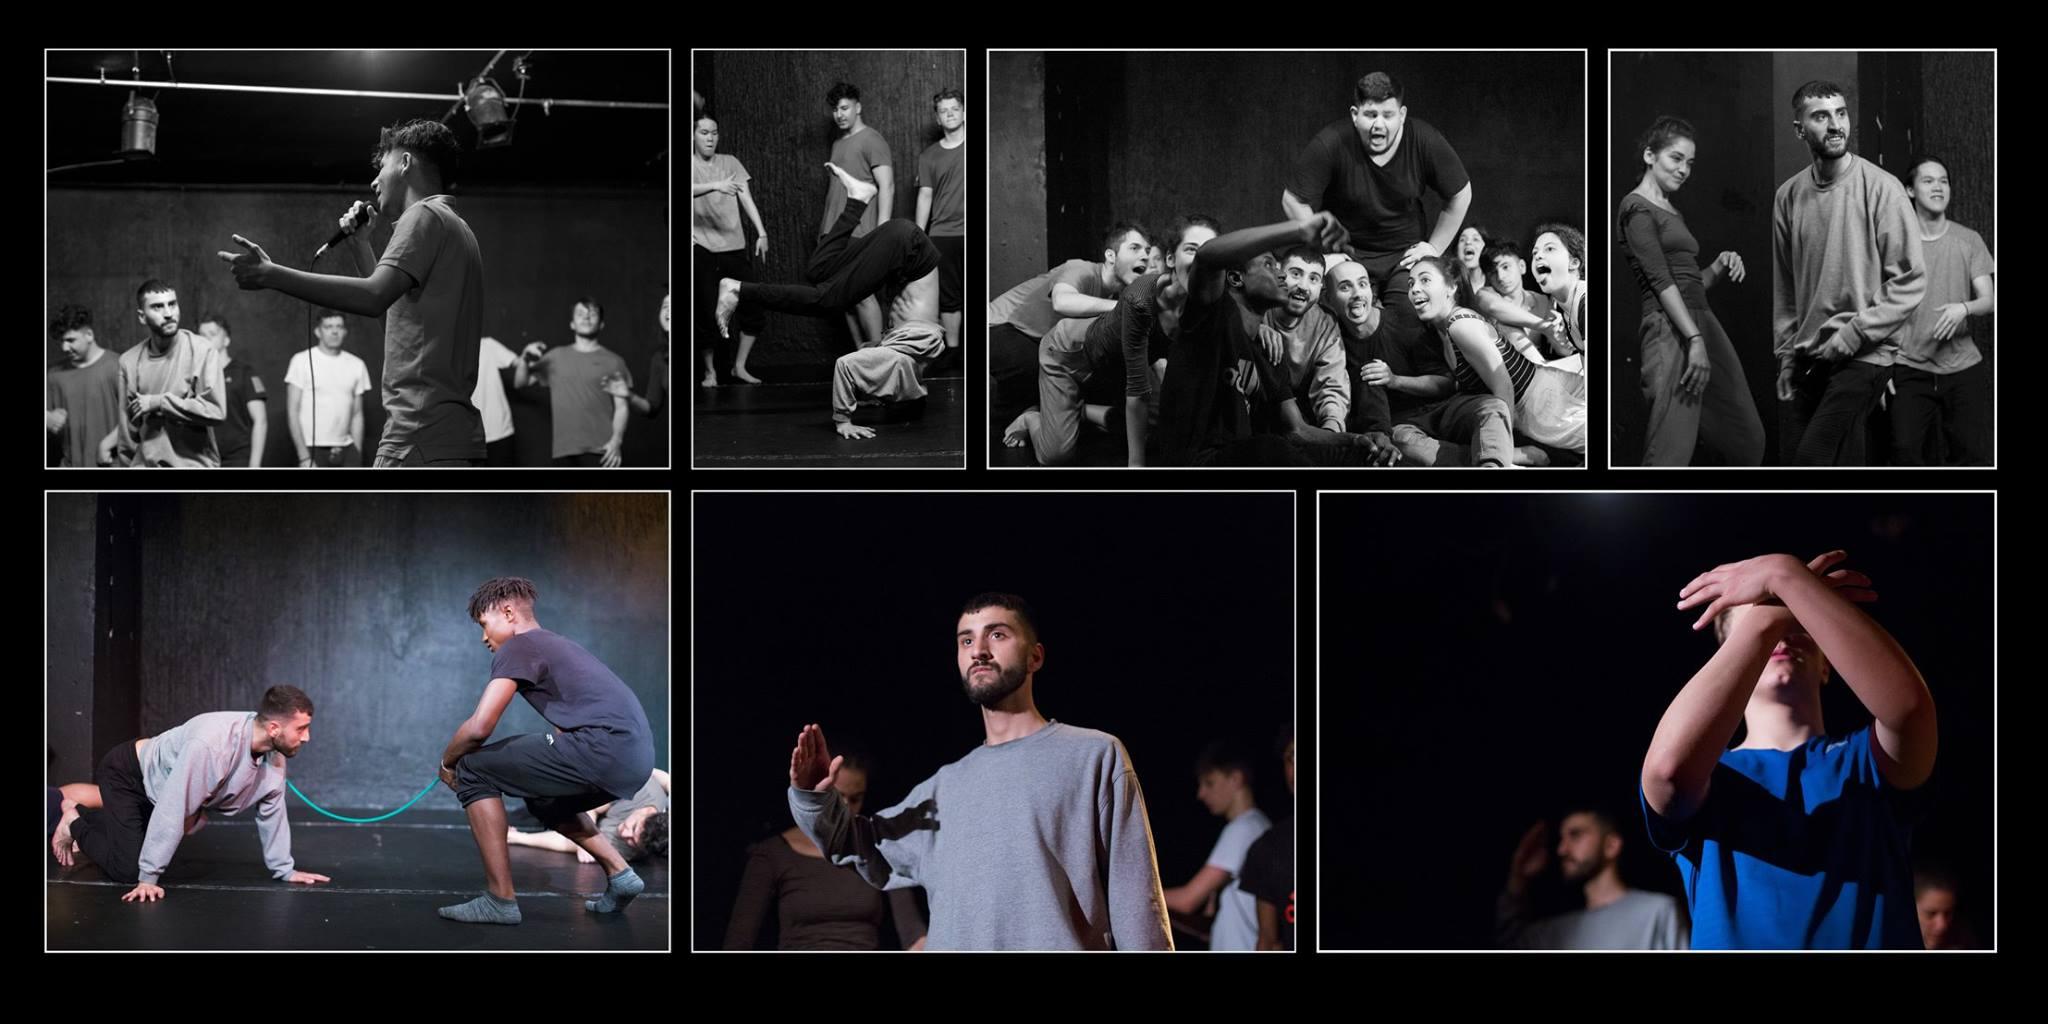 πρόγραμμα θεατρικής εκπαίδευσης και έρευνας, θέατρο, εργαστήρια, physical theater, σωματικό θέατρο, τεχνοχώρος φάμπρικα, performer, program-of-theatrical-research-education, fabrica athens